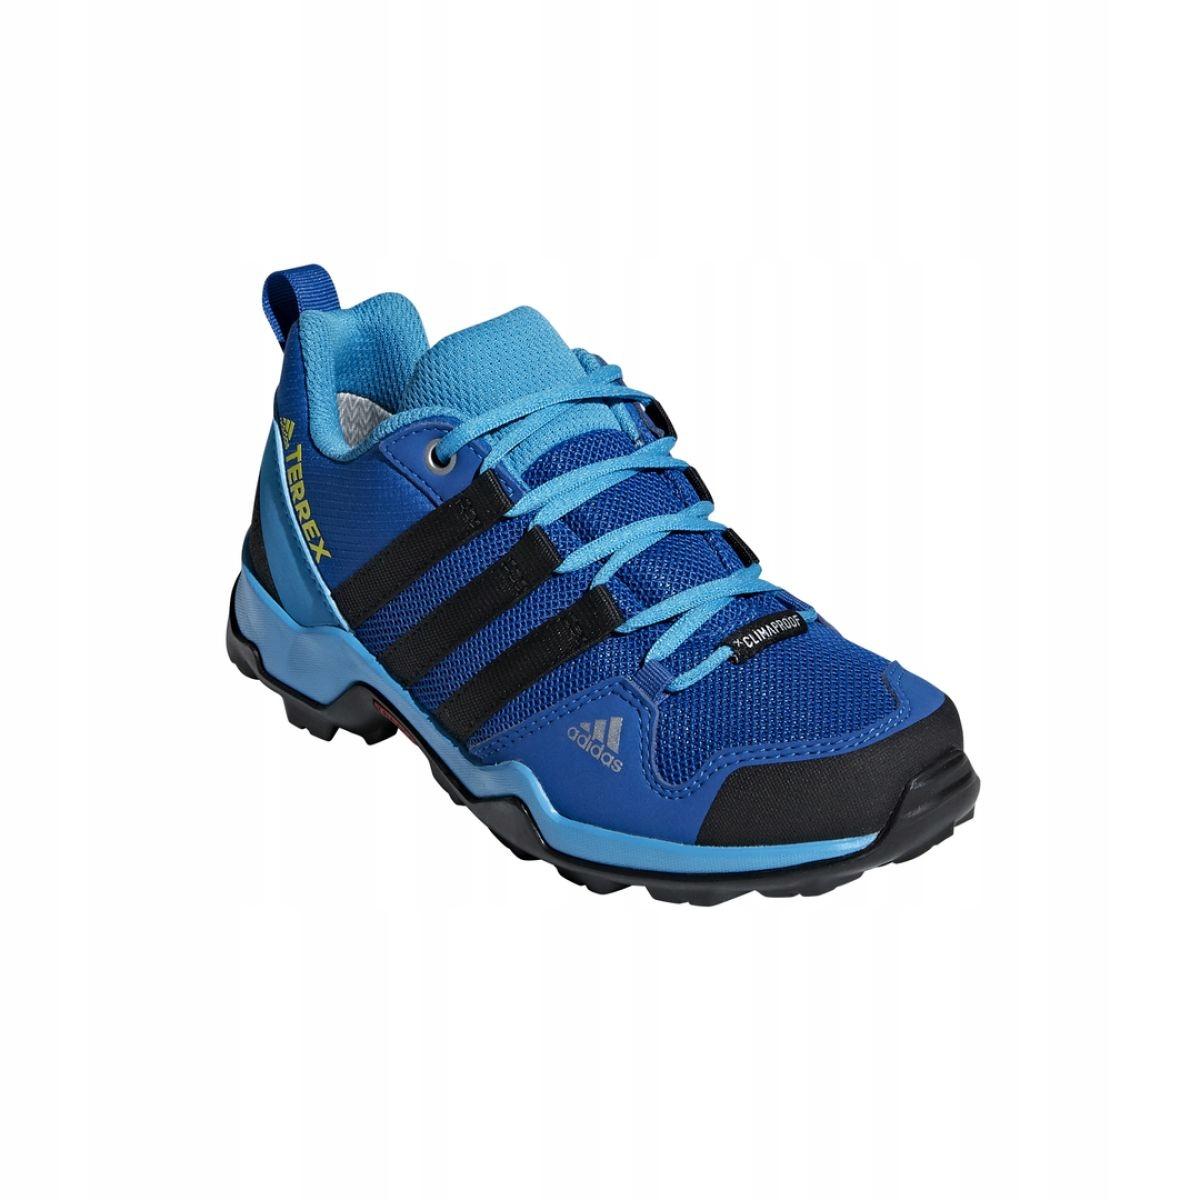 Купить Обувь adidas Terrex Ax2R Cp BC0675 33 на Otpravka - цены и фото - доставка из Польши и стран Европы в Украину.